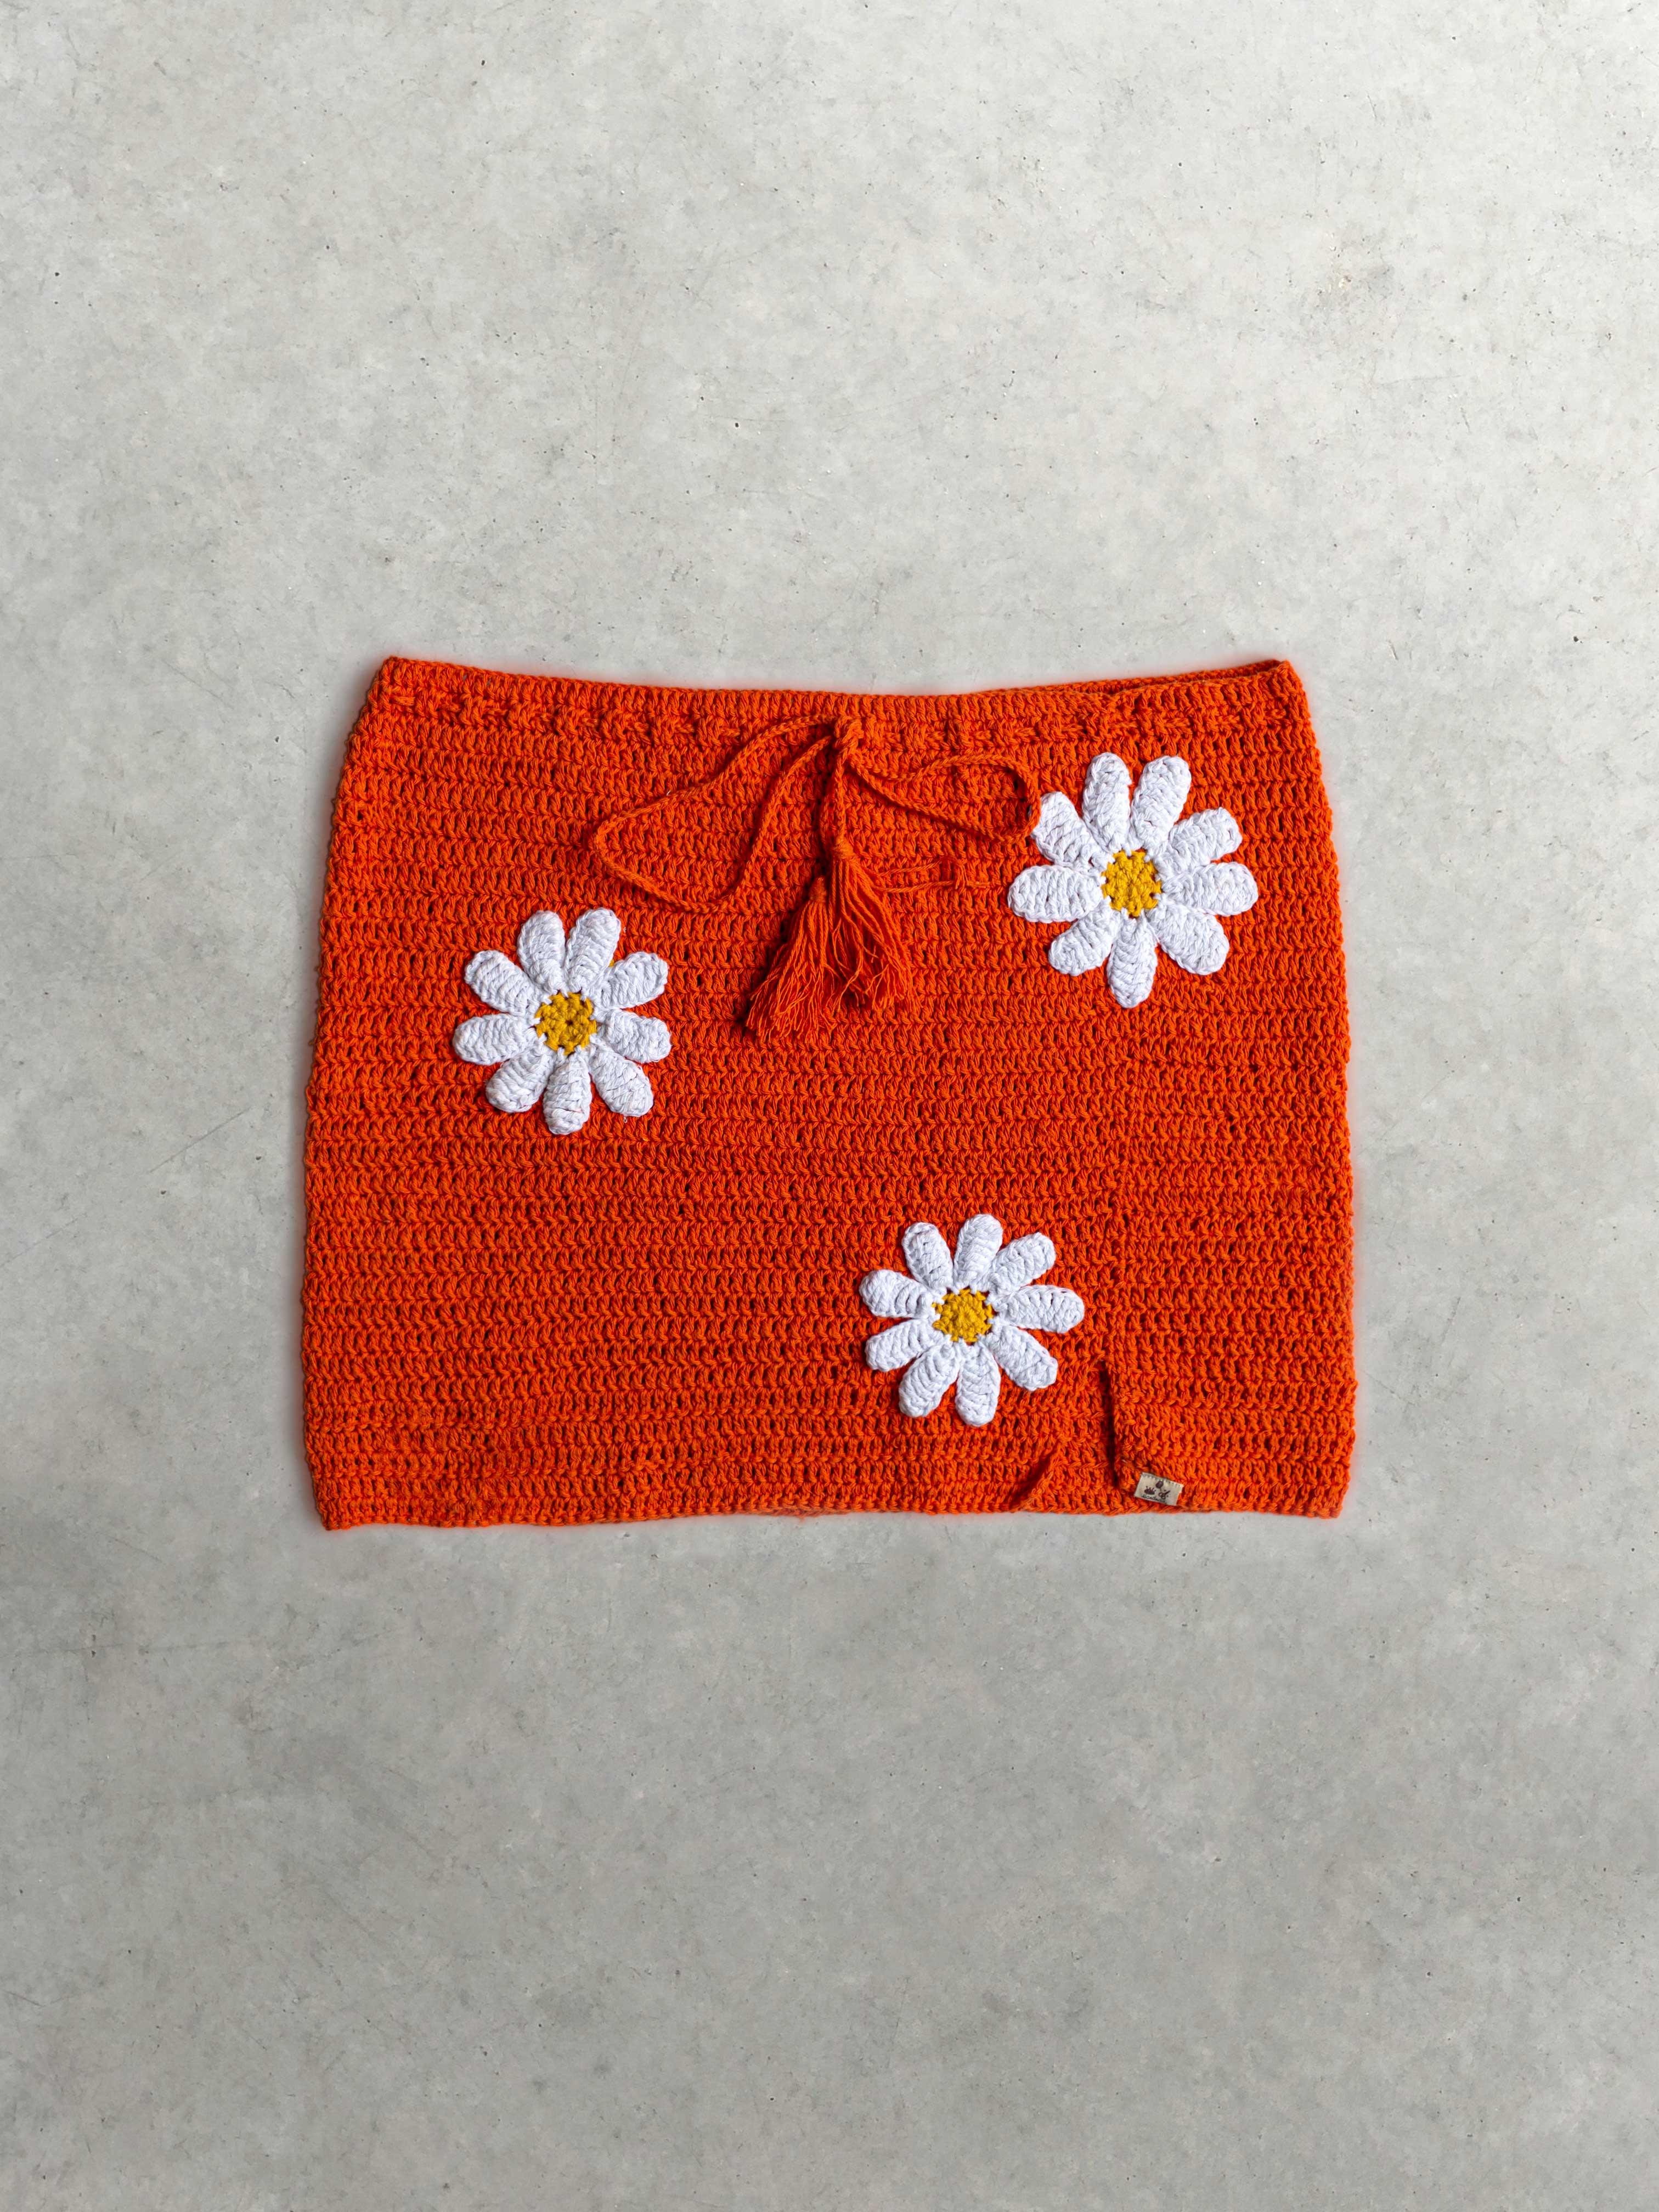 Packshot du produit Jupe crochet orange de la marque Mathilda Roks